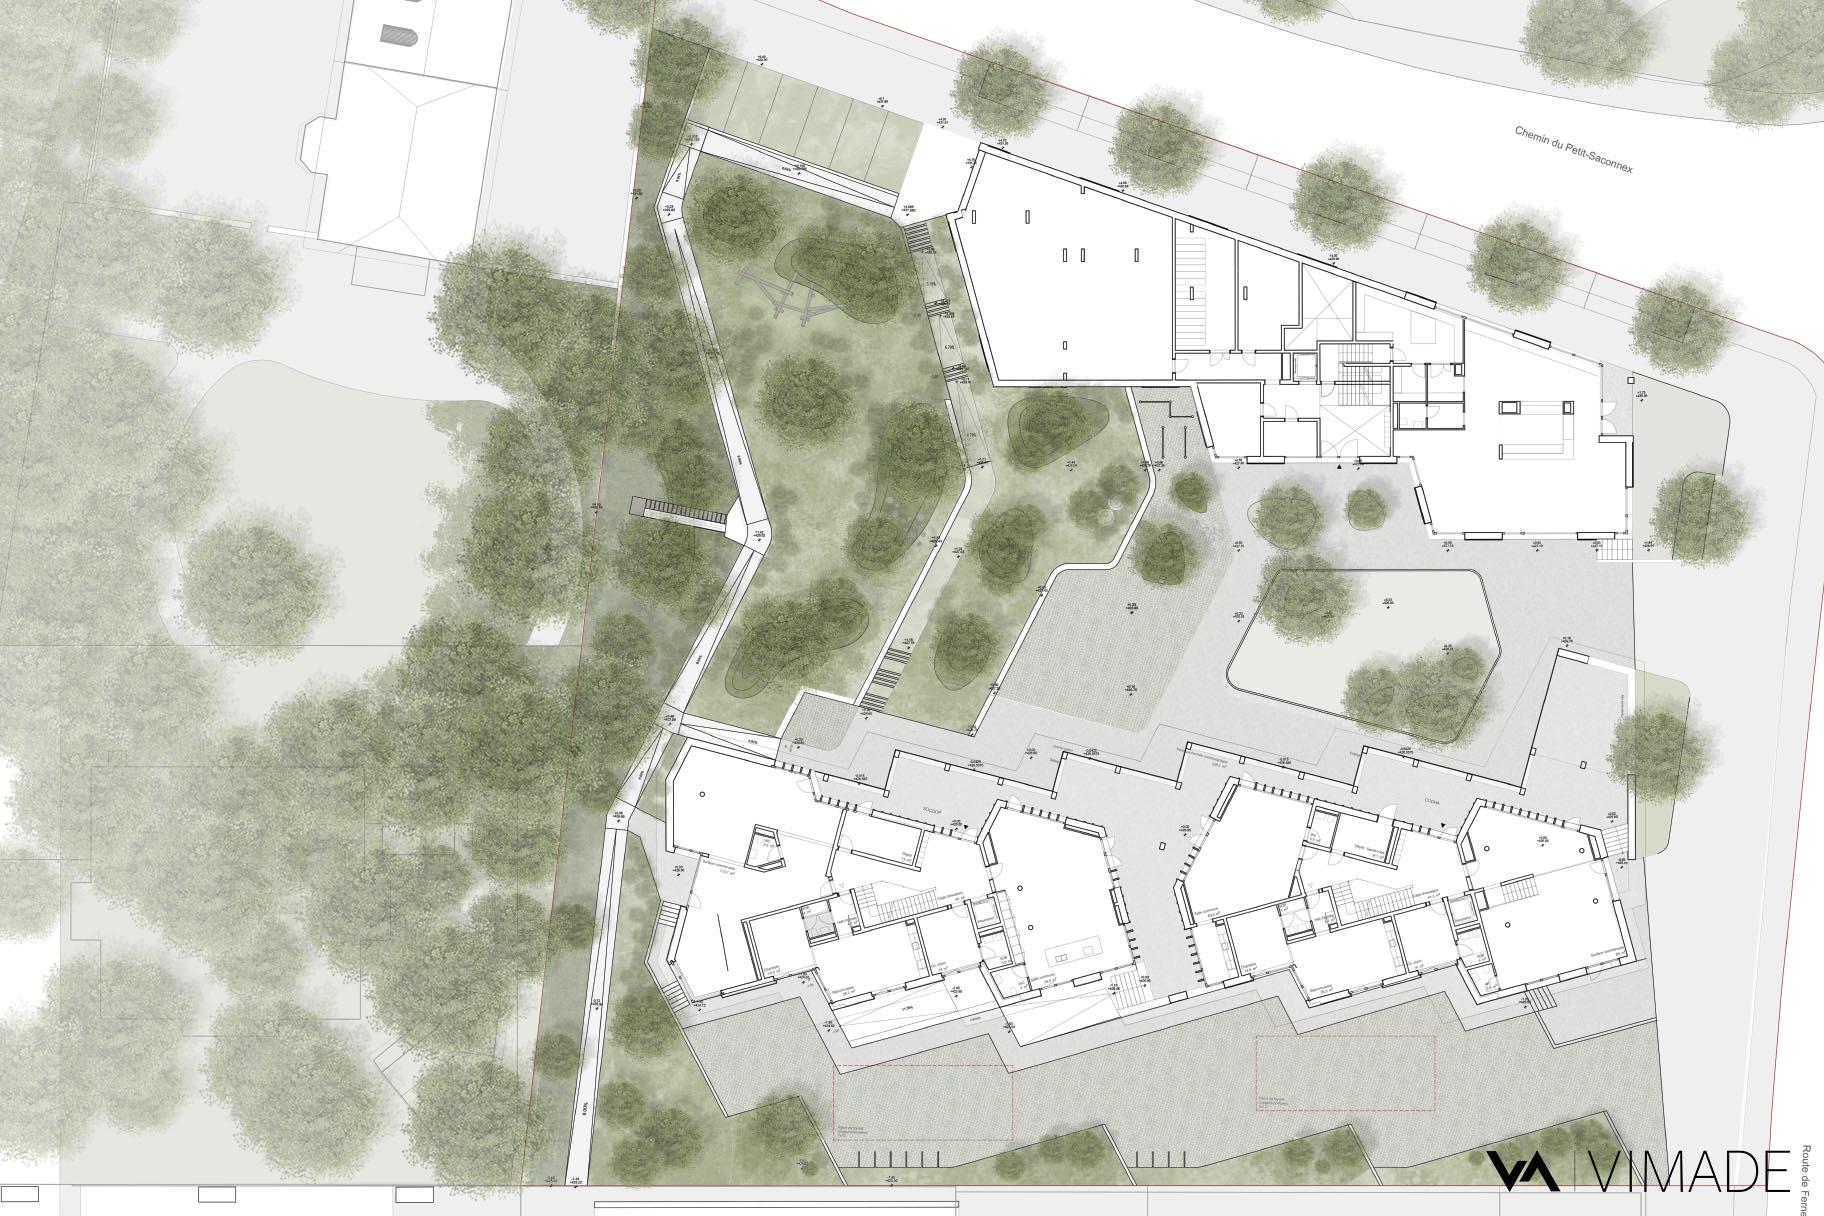 Plan d'aménagement paysager écologique et coopératif pour les coopératives CODHA et SOCOOP à Genève par le bureau VIMADE Architectes paysagistes